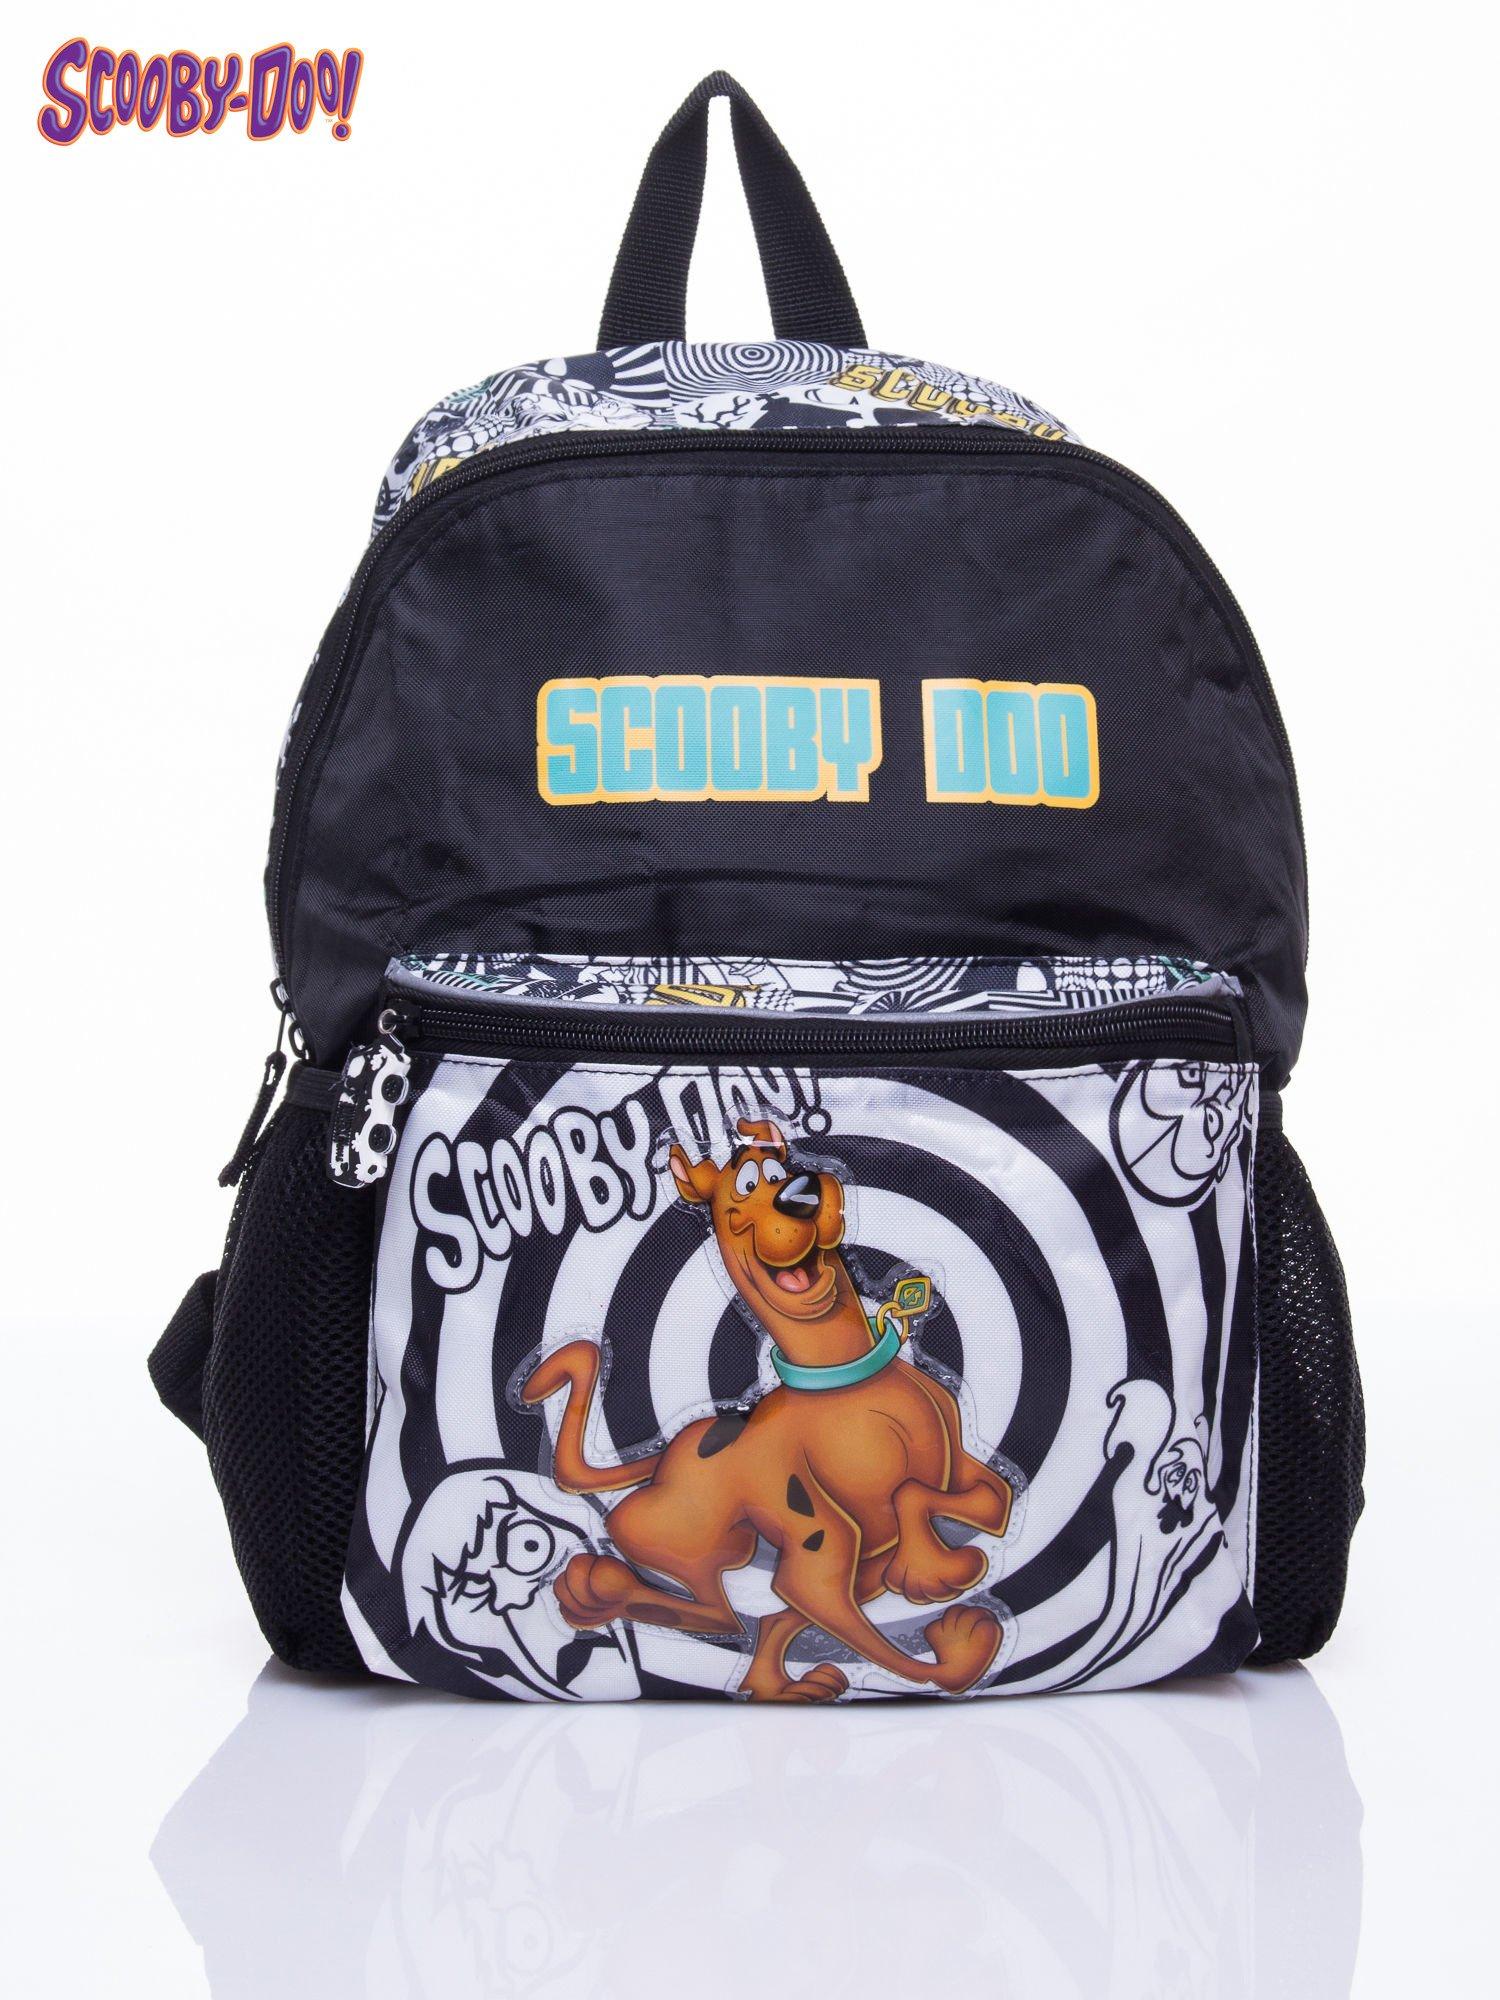 Czarny plecak szkolny DISNEY Scooby Doo                                  zdj.                                  1